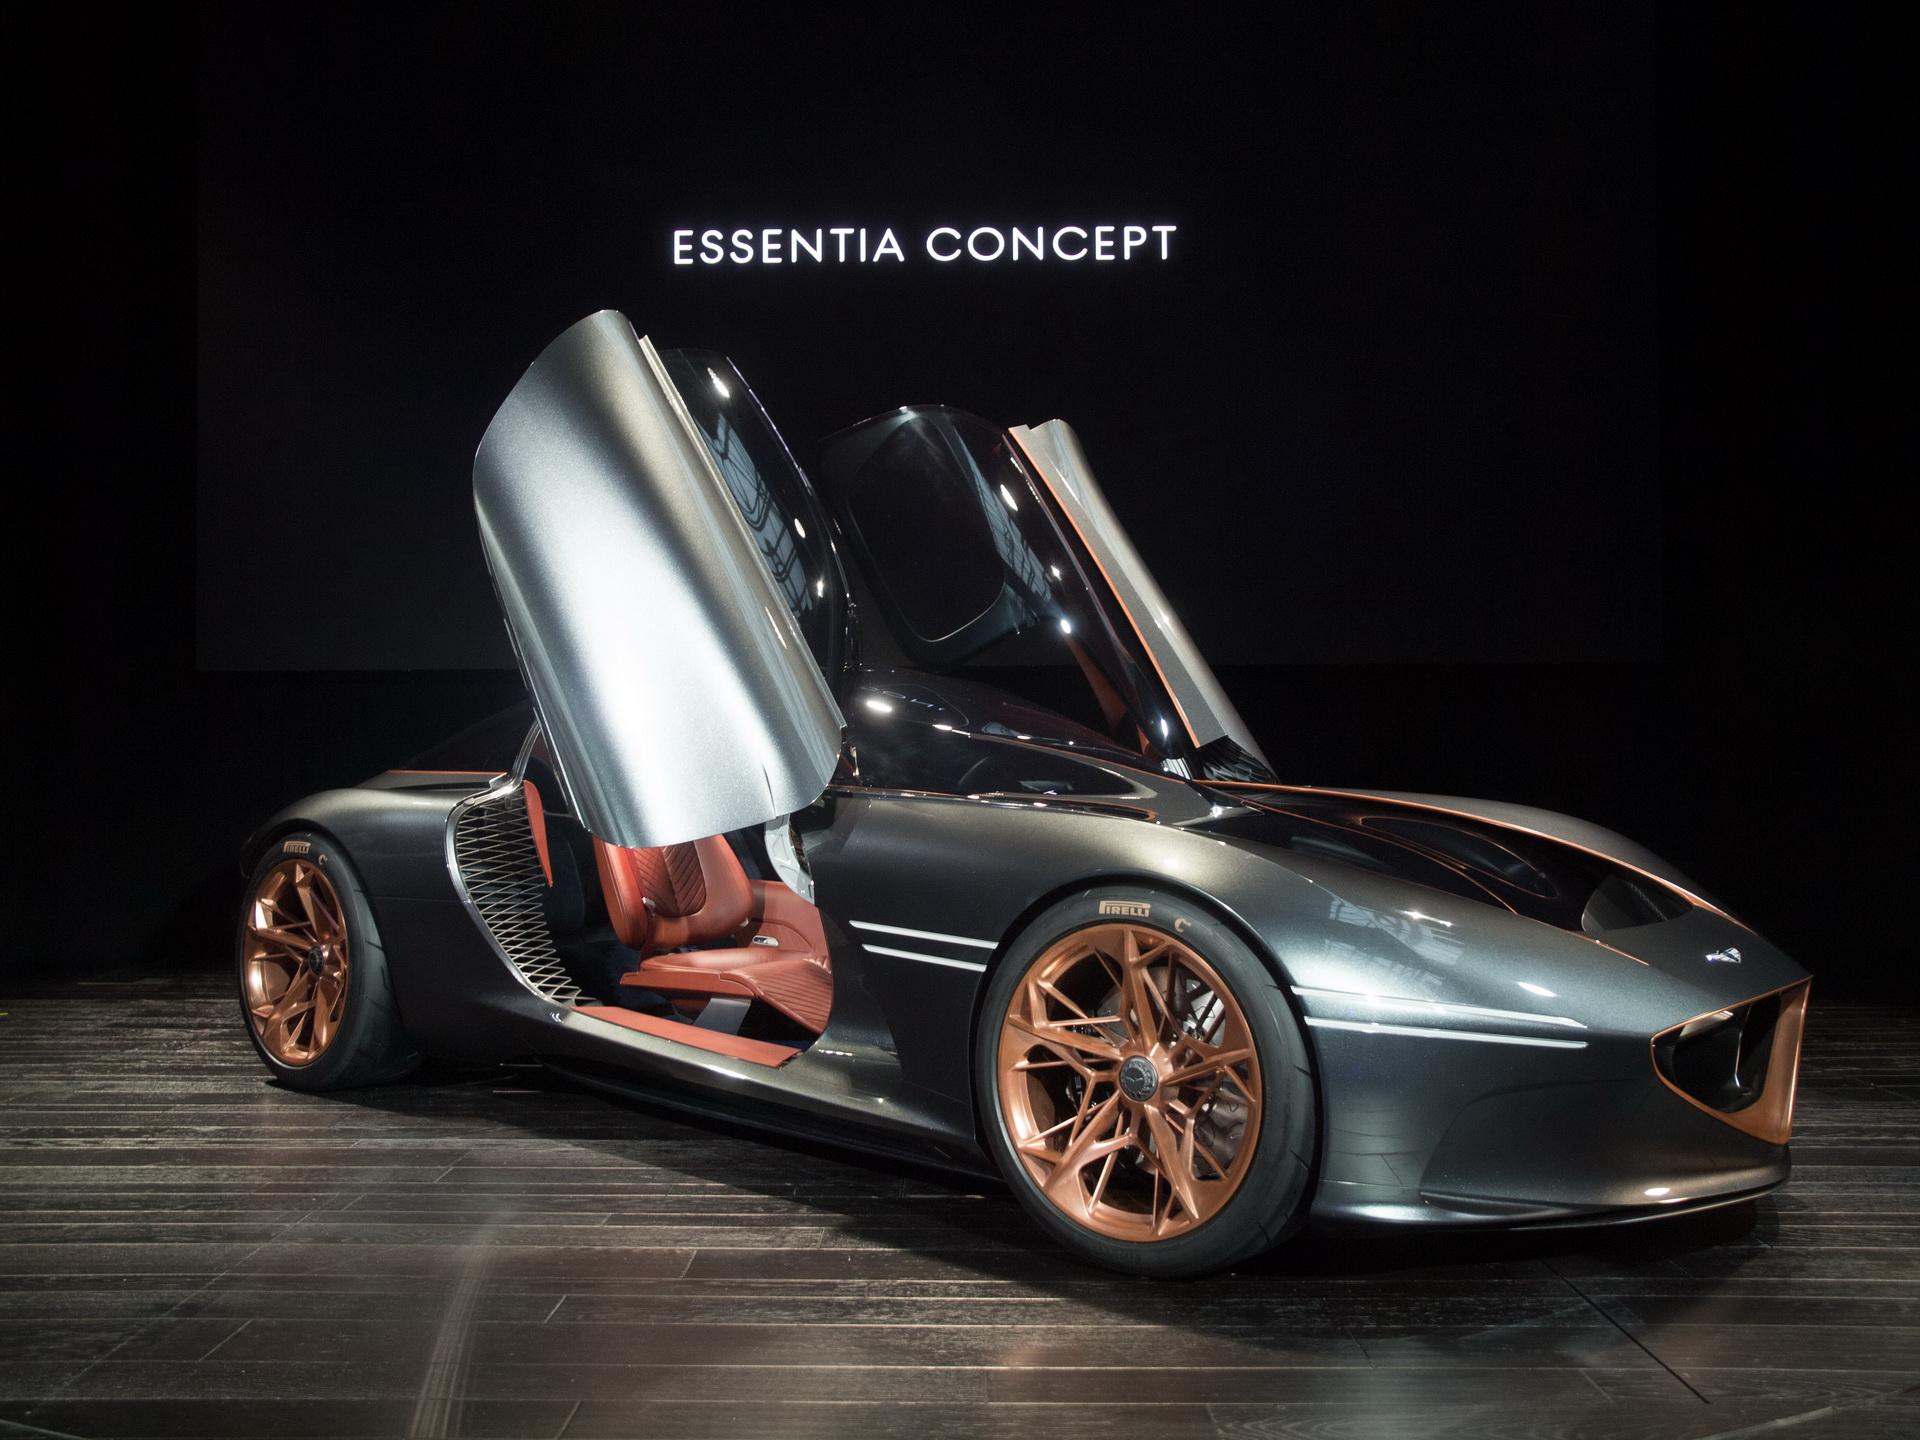 Genesis Essentia Concept